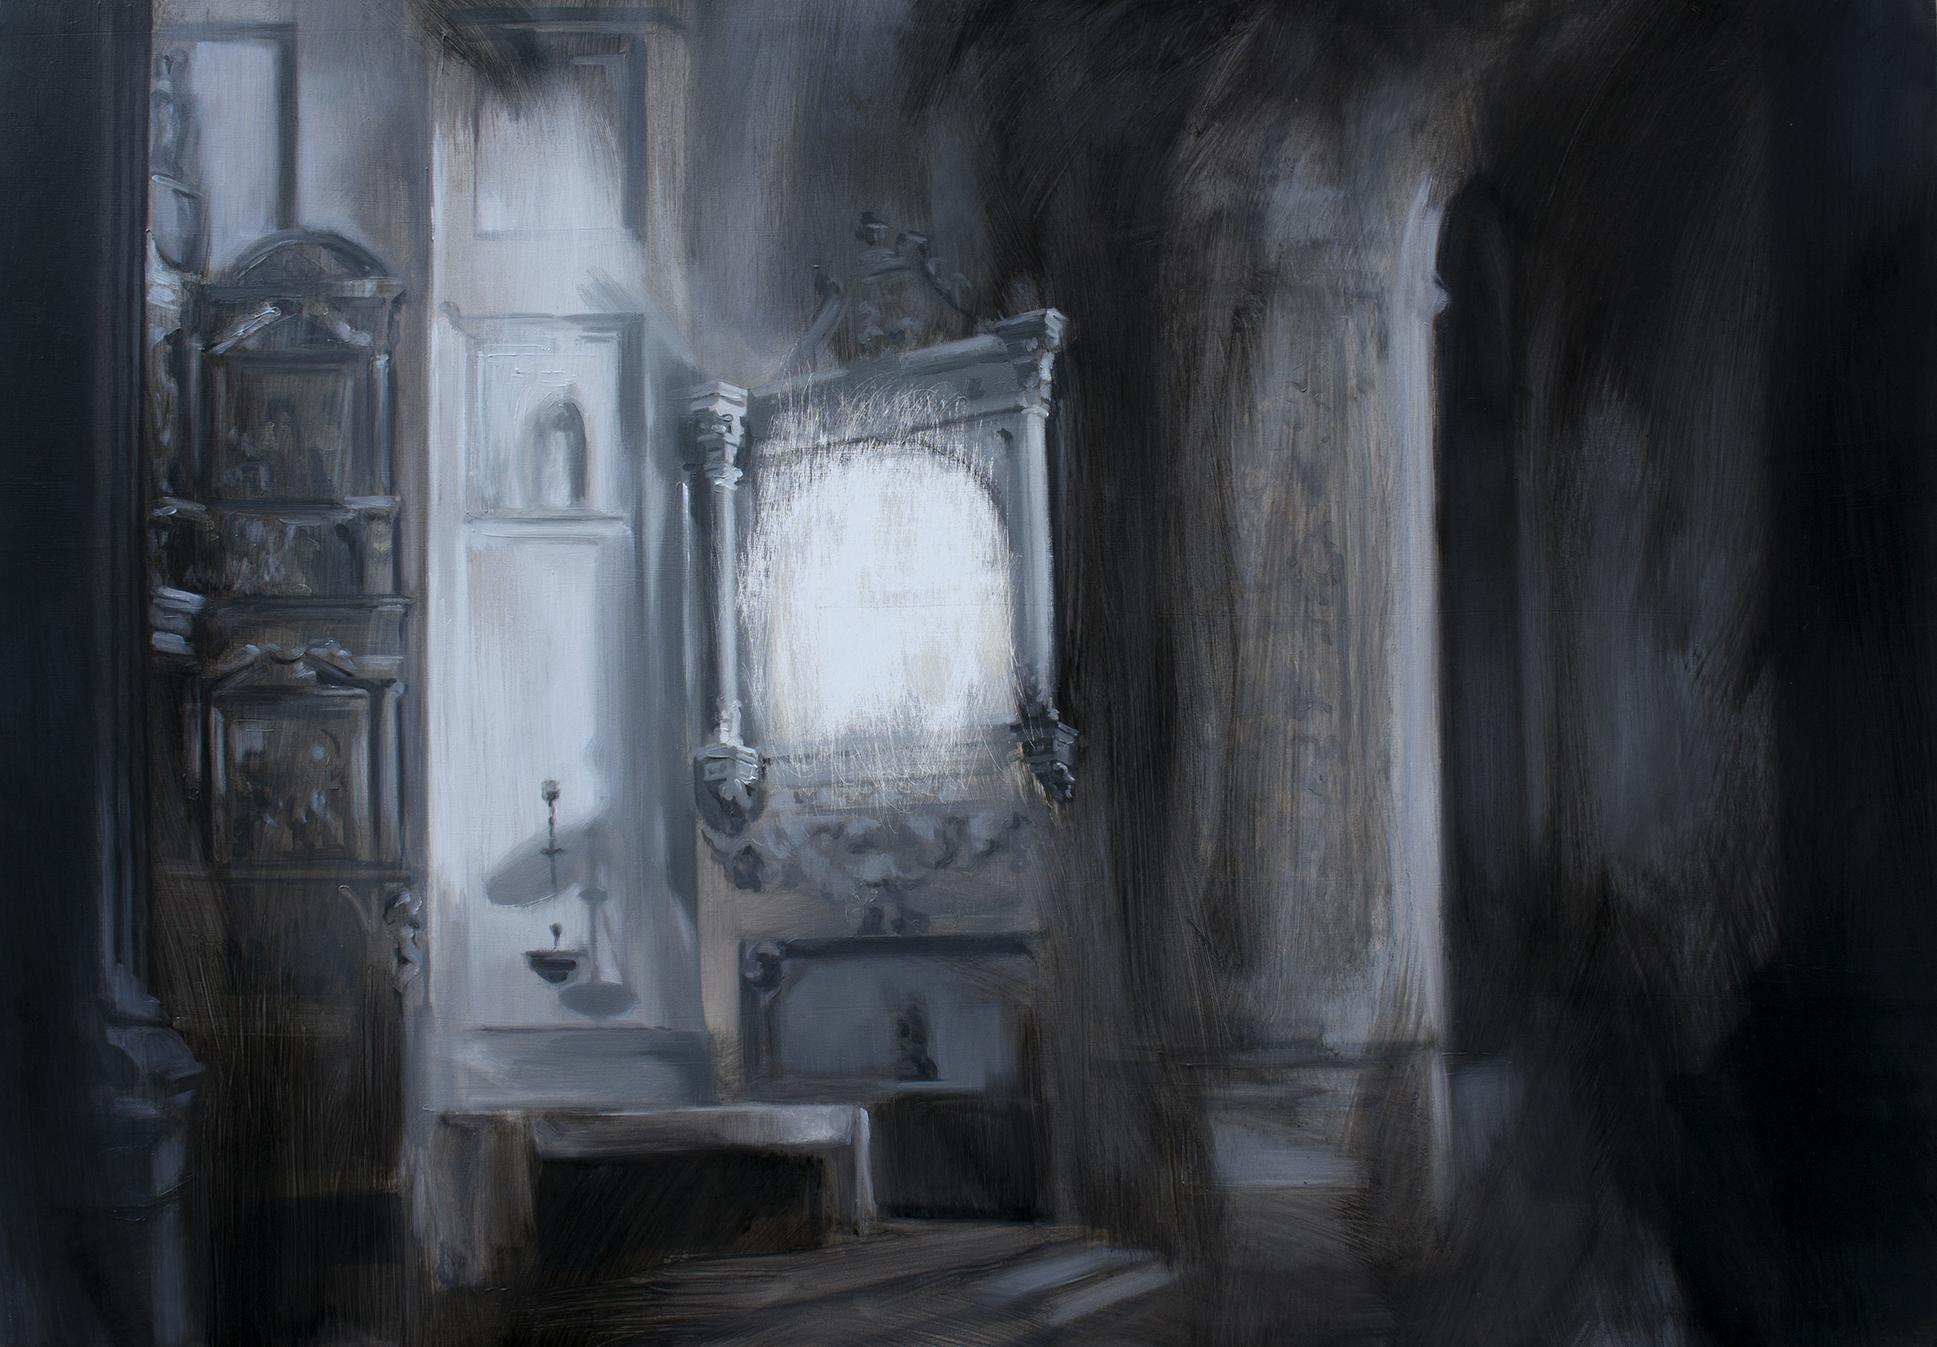 Hueco en el Monasterio de la Santa Espina. Óleo sobre lienzo. 81 x 116 cm.